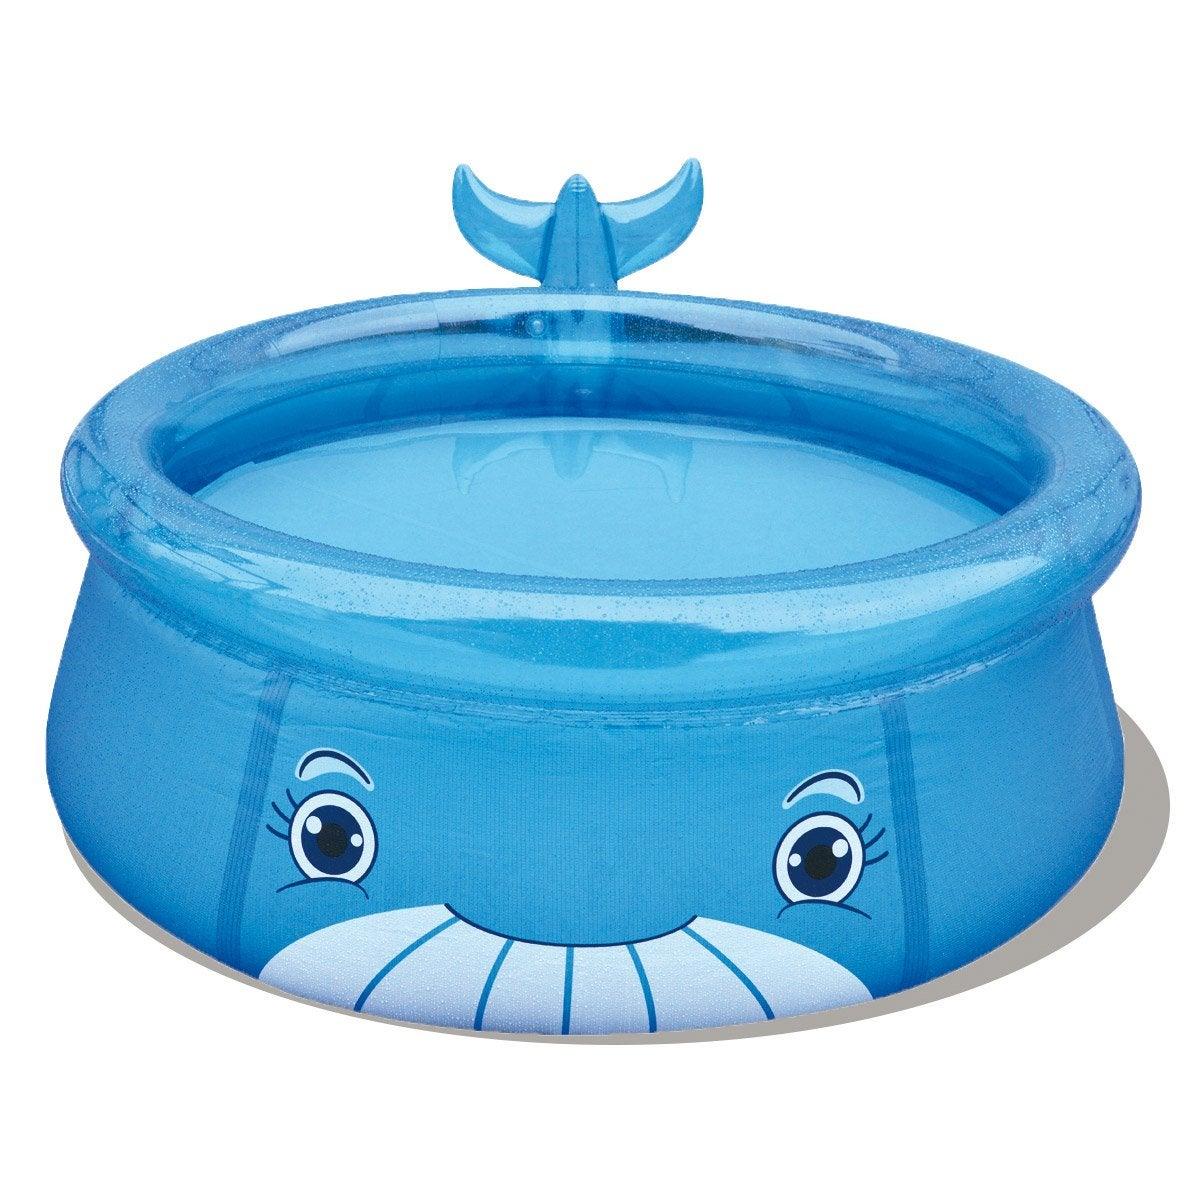 Bien choisir une piscine autoportante pas ch re conseils for Aspirateur piscine hors sol jilong